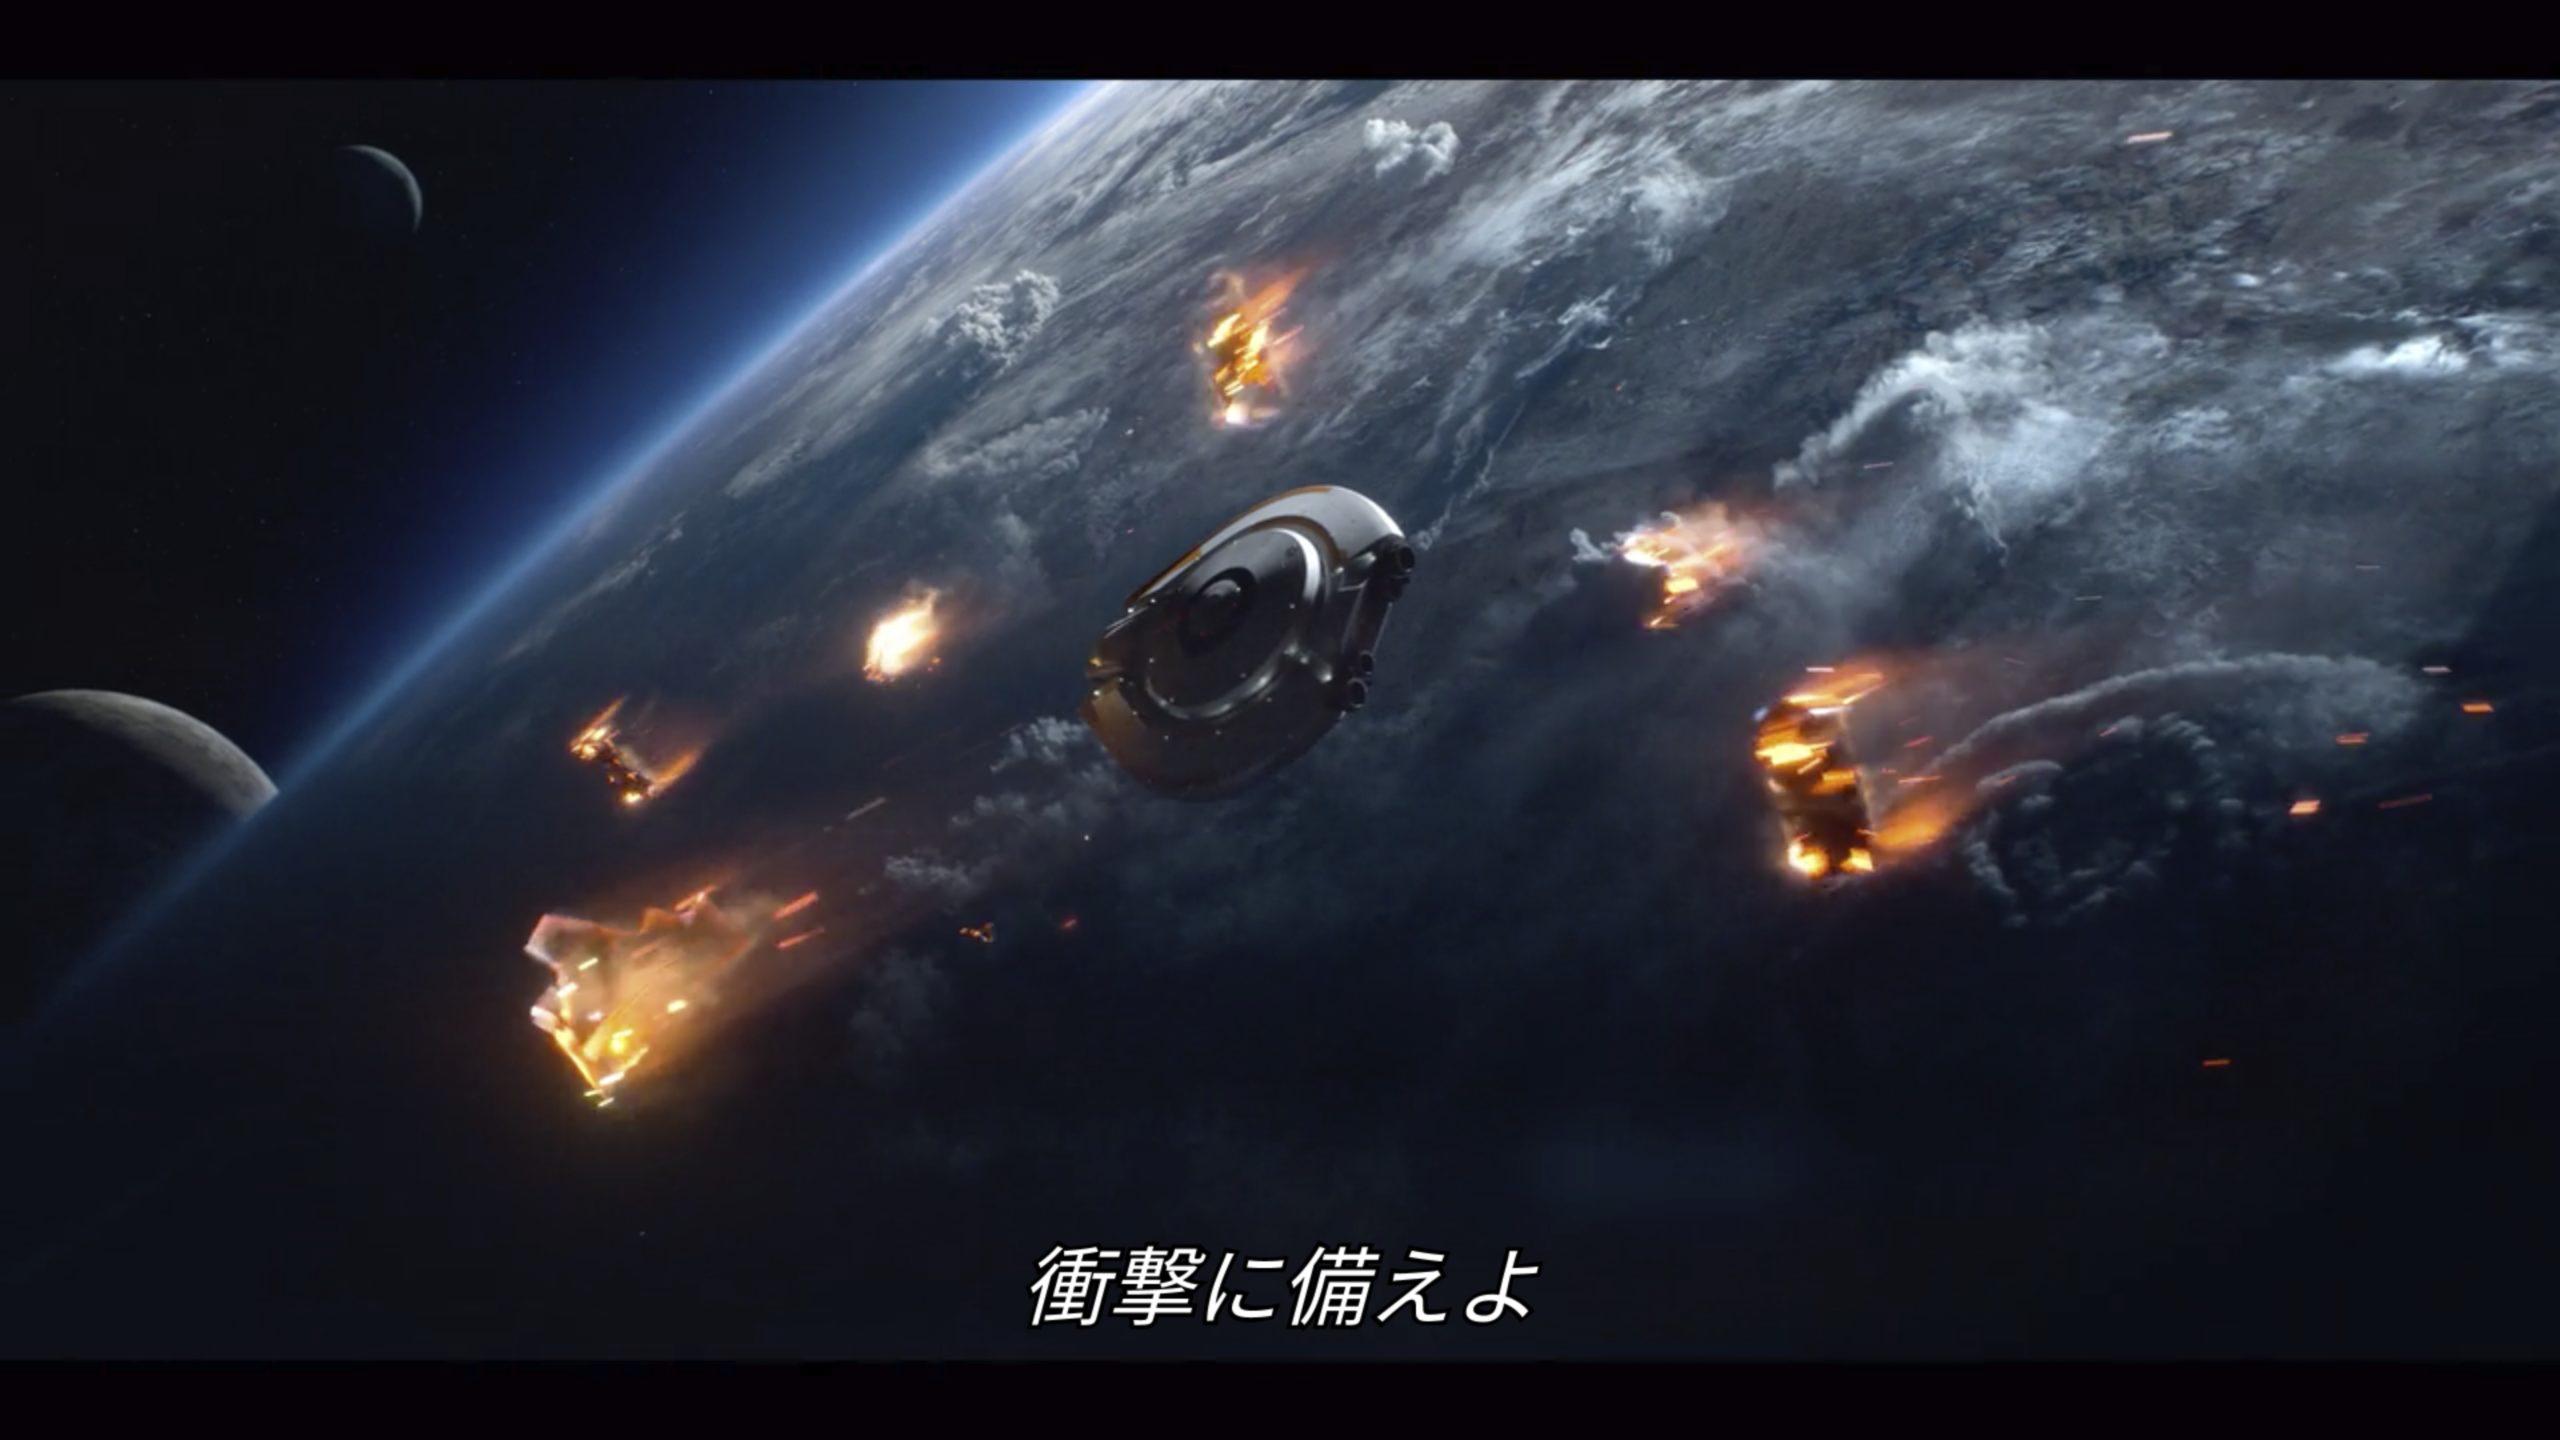 SFドラマ「ロスト・イン・スペース」のシーズン3は2021年に